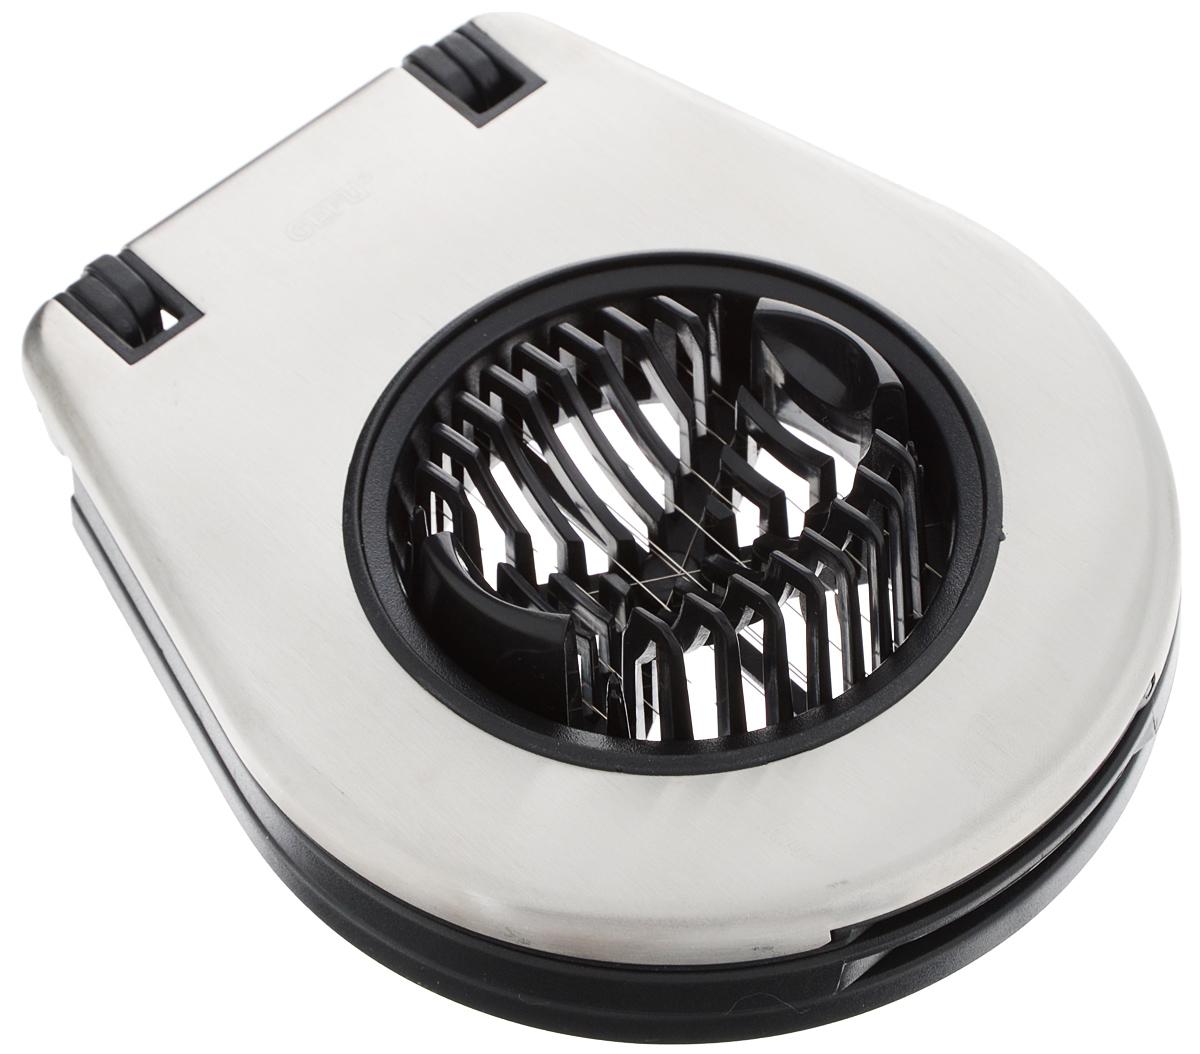 Яйцерезка Gefu Duo12350Яйцерезка Gefu Duo выполнена из высококачественного пластика и нержавеющей стали. Приспособление позволяет нарезать яйца дольками или пластинками, а также подходит для нарезки мелкого отваренного картофеля. Механизм работы чрезвычайно прост: очищенное яйцо или картофель устанавливается в специальное ложе, а затем поочерёдно опускаются две рамки с режущими струнами. Яйцерезка имеет компактный размер и не займет много места на кухне. Такое изделие по-настоящему облегчает процесс готовки. Можно мыть в посудомоечной машине. Размер яйцерезки: 11 х 13 х 3,5 см.